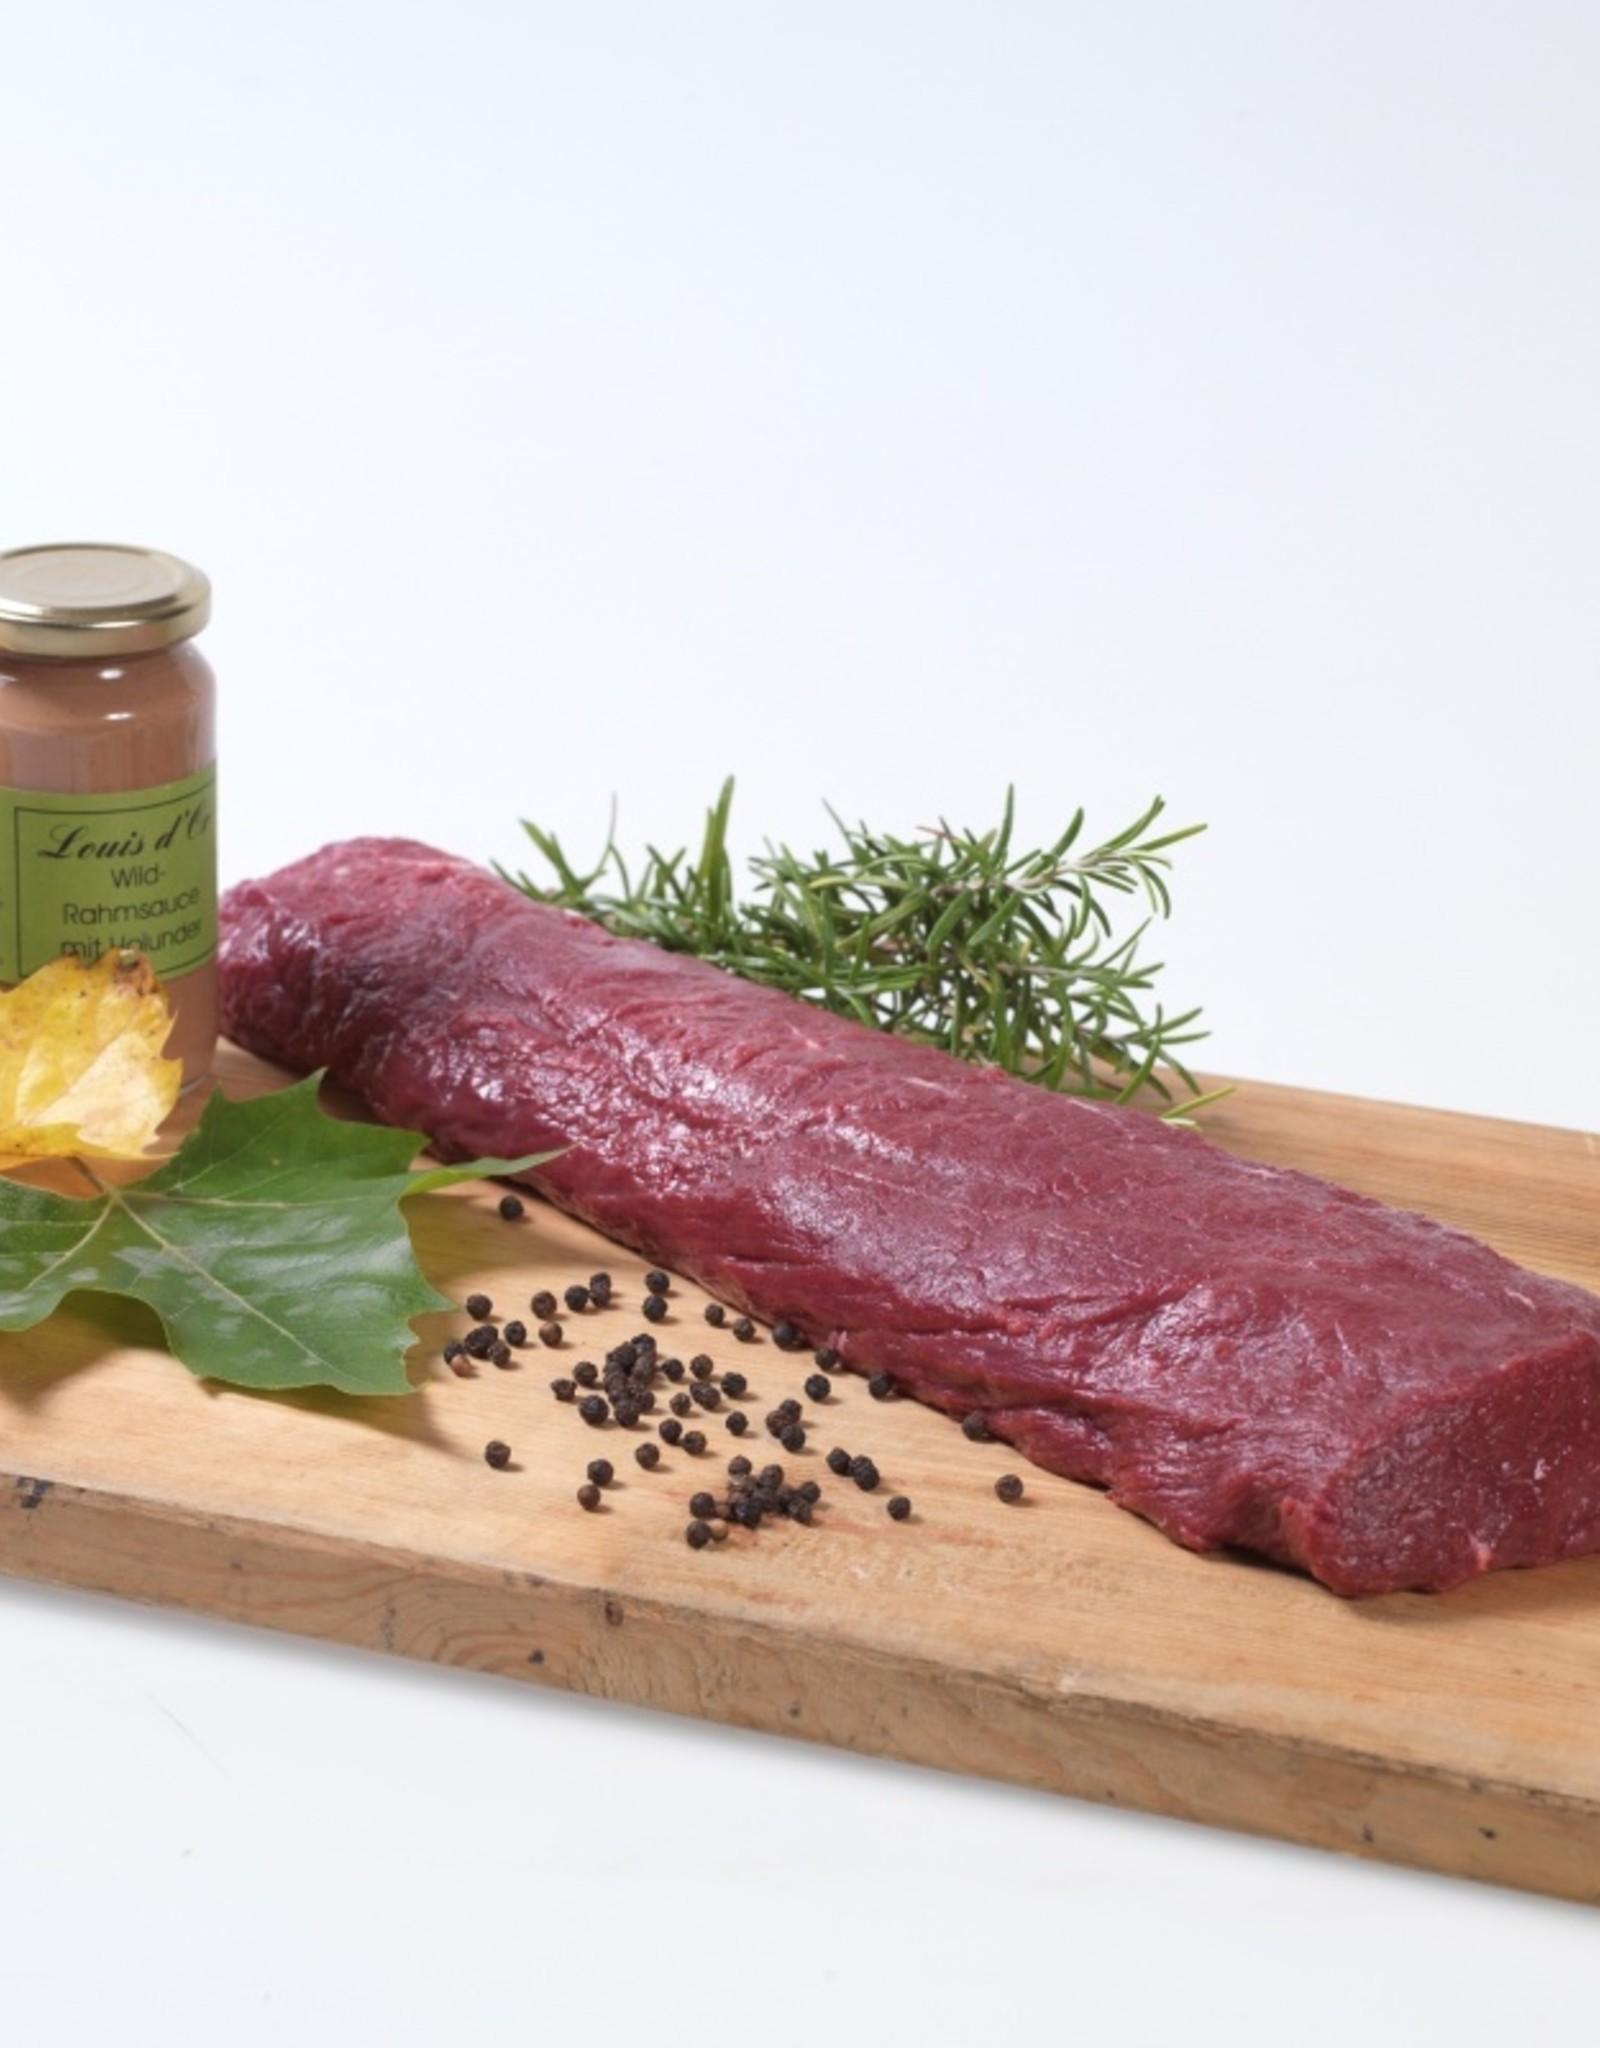 Wildschwein Frischlings Entrecôte, ca. 0.6 - 0.8 kg aus Wildjagd